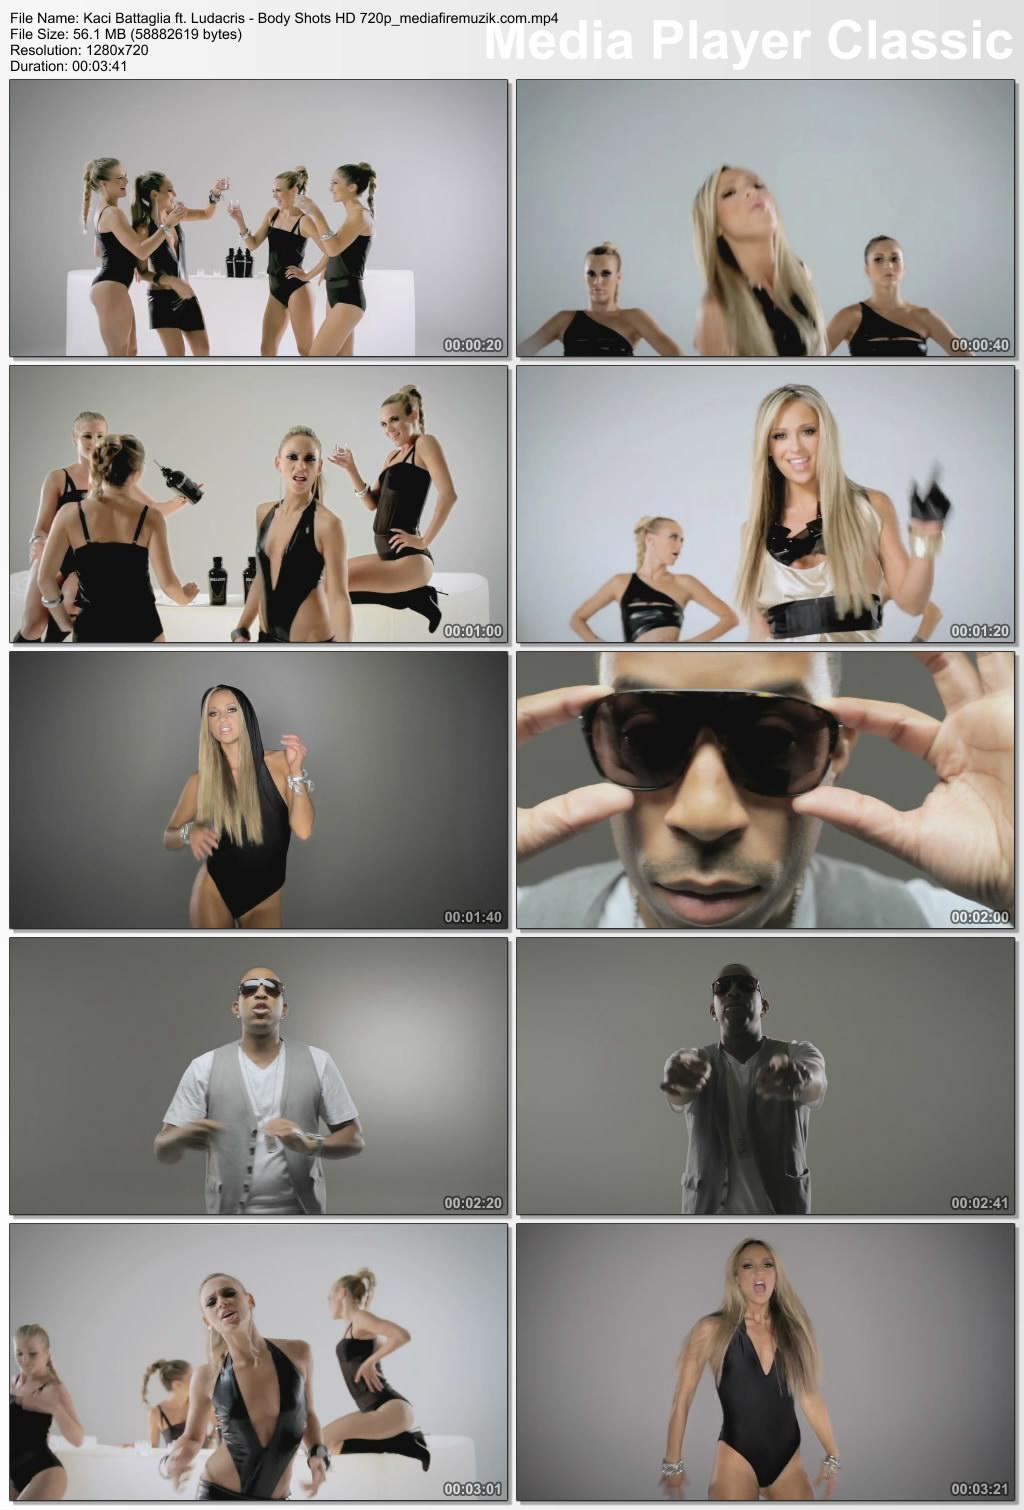 http://3.bp.blogspot.com/-Mjikq0qQZ74/TmeziAr-jXI/AAAAAAAAAQg/8mT41yEhzPc/s1600/Kaci+Battaglia+ft.+Ludacris+-+Body+Shots+HD+720p_mediafiremuzik.jpg